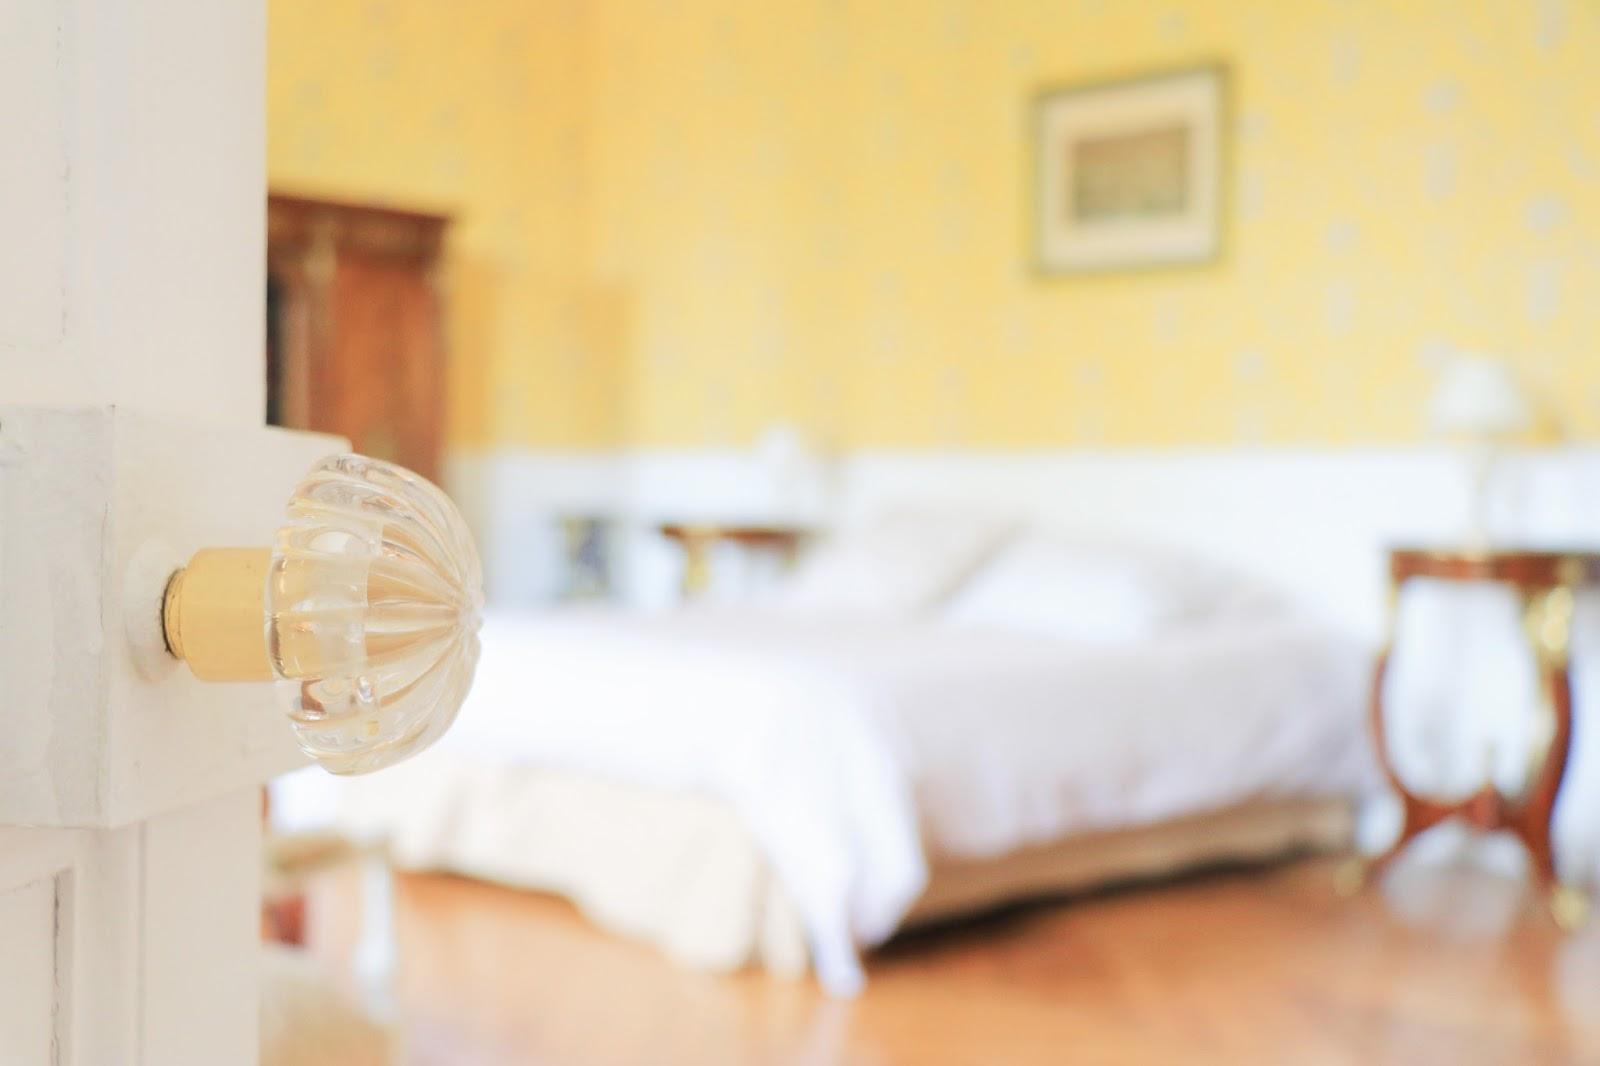 les gommettes de melo avis chateau de la marjolaine chateau thierry essomes hotel gite nuit séjour vacances week end chambre piscine aisne picardie